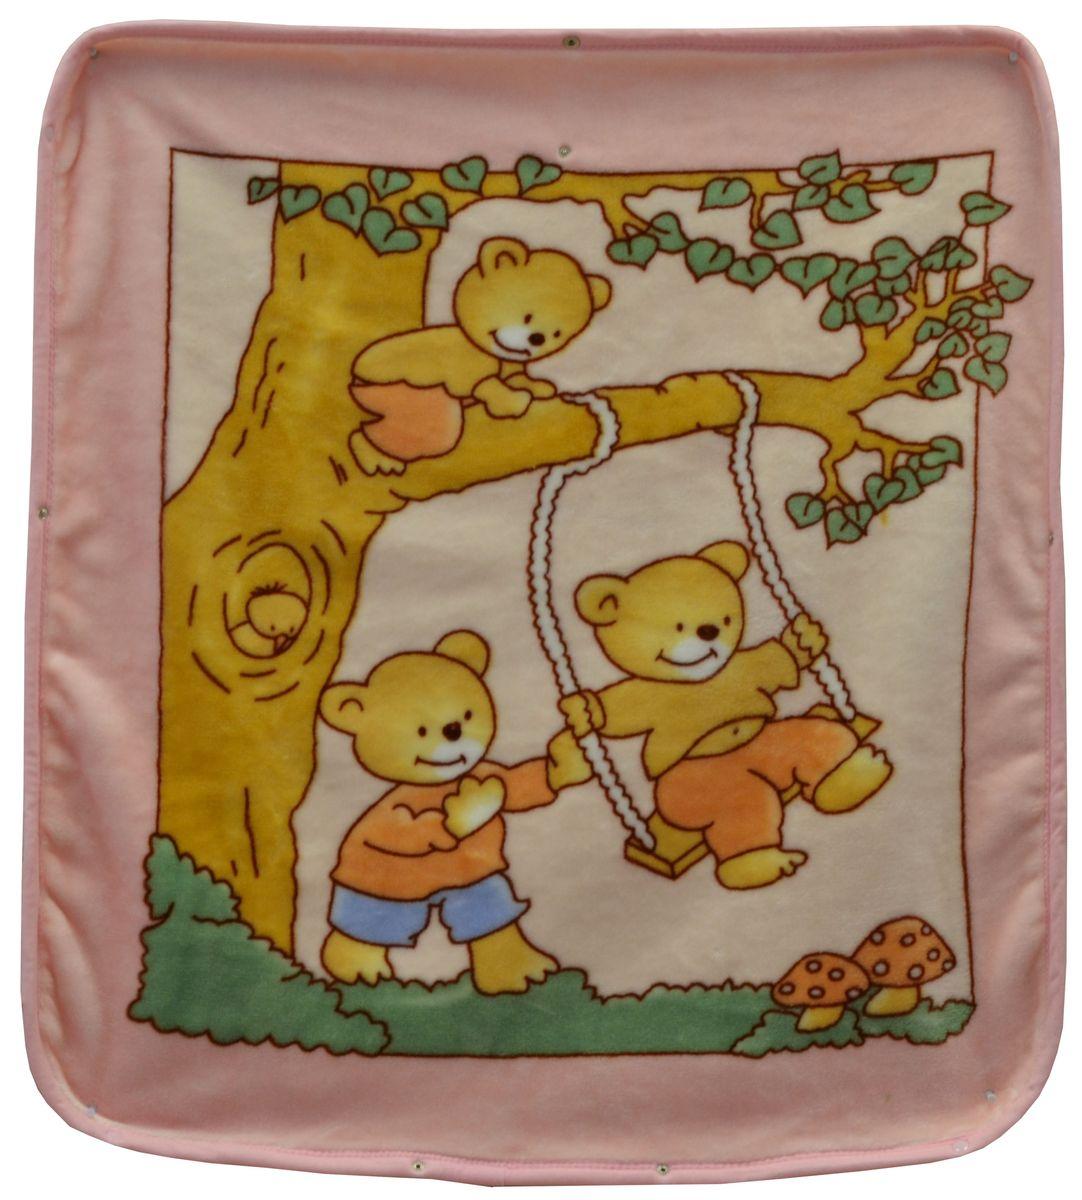 Bonne Fee Плед детский Плед-накидка для младенцев на молнии, 80 х 90 см, розовыйОНДК/300-роз3Защита, тепло и комфорт для малышей - использован надёжный, качественный и мягкий материал! Удобство и спокойствие для родителей обеспечивается универсальностью пледа-накидки, конструкция которого позволяет ему легко превращаться в конвертик. Отличное качество и практичность! Любите своего ребёнка и дарите ему лучшее!